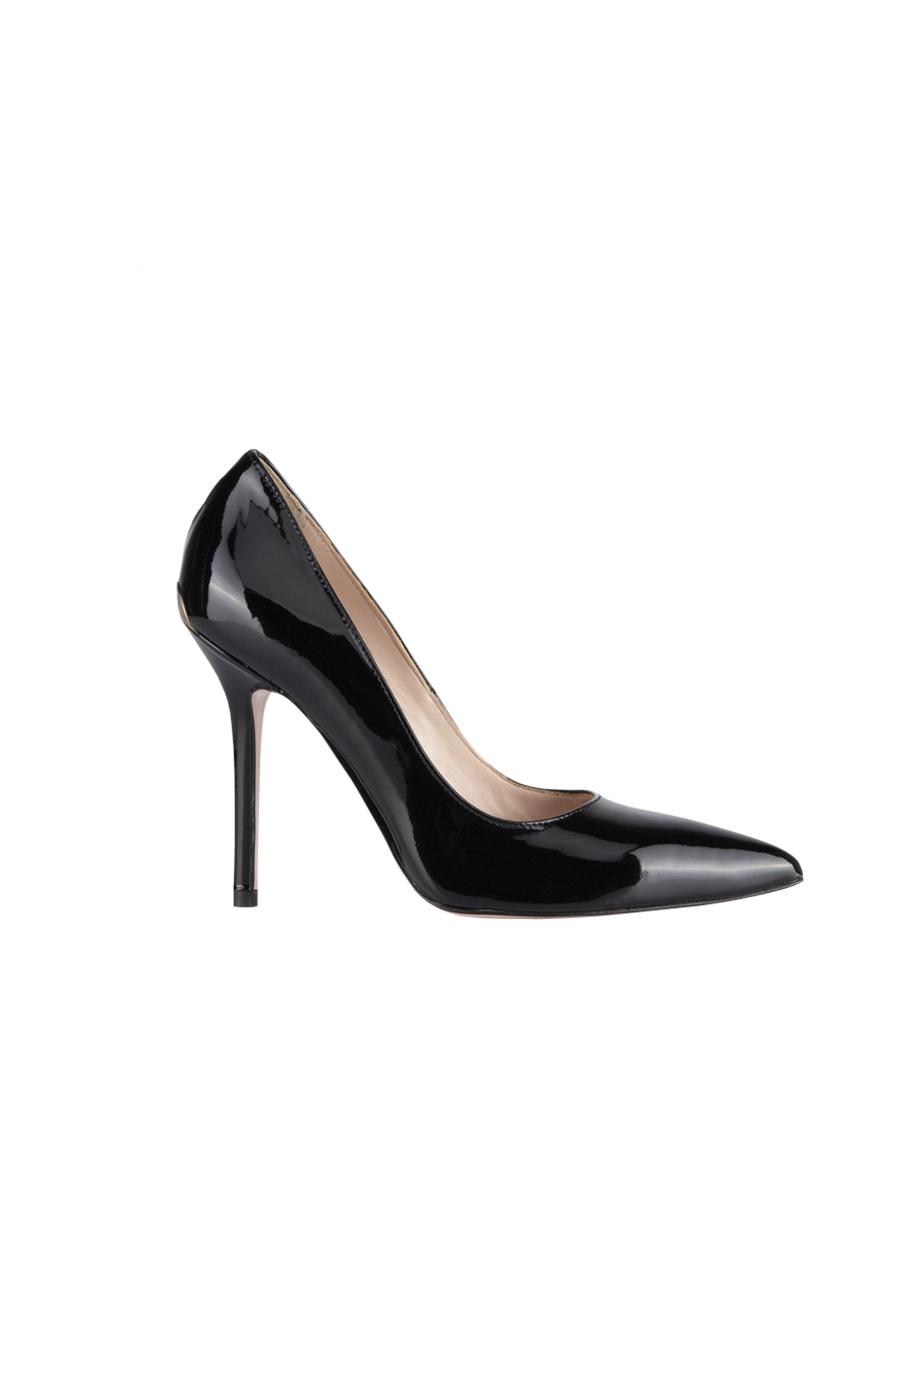 7 Sapatos ESSENCIAIS para o guarda roupa de uma mulher